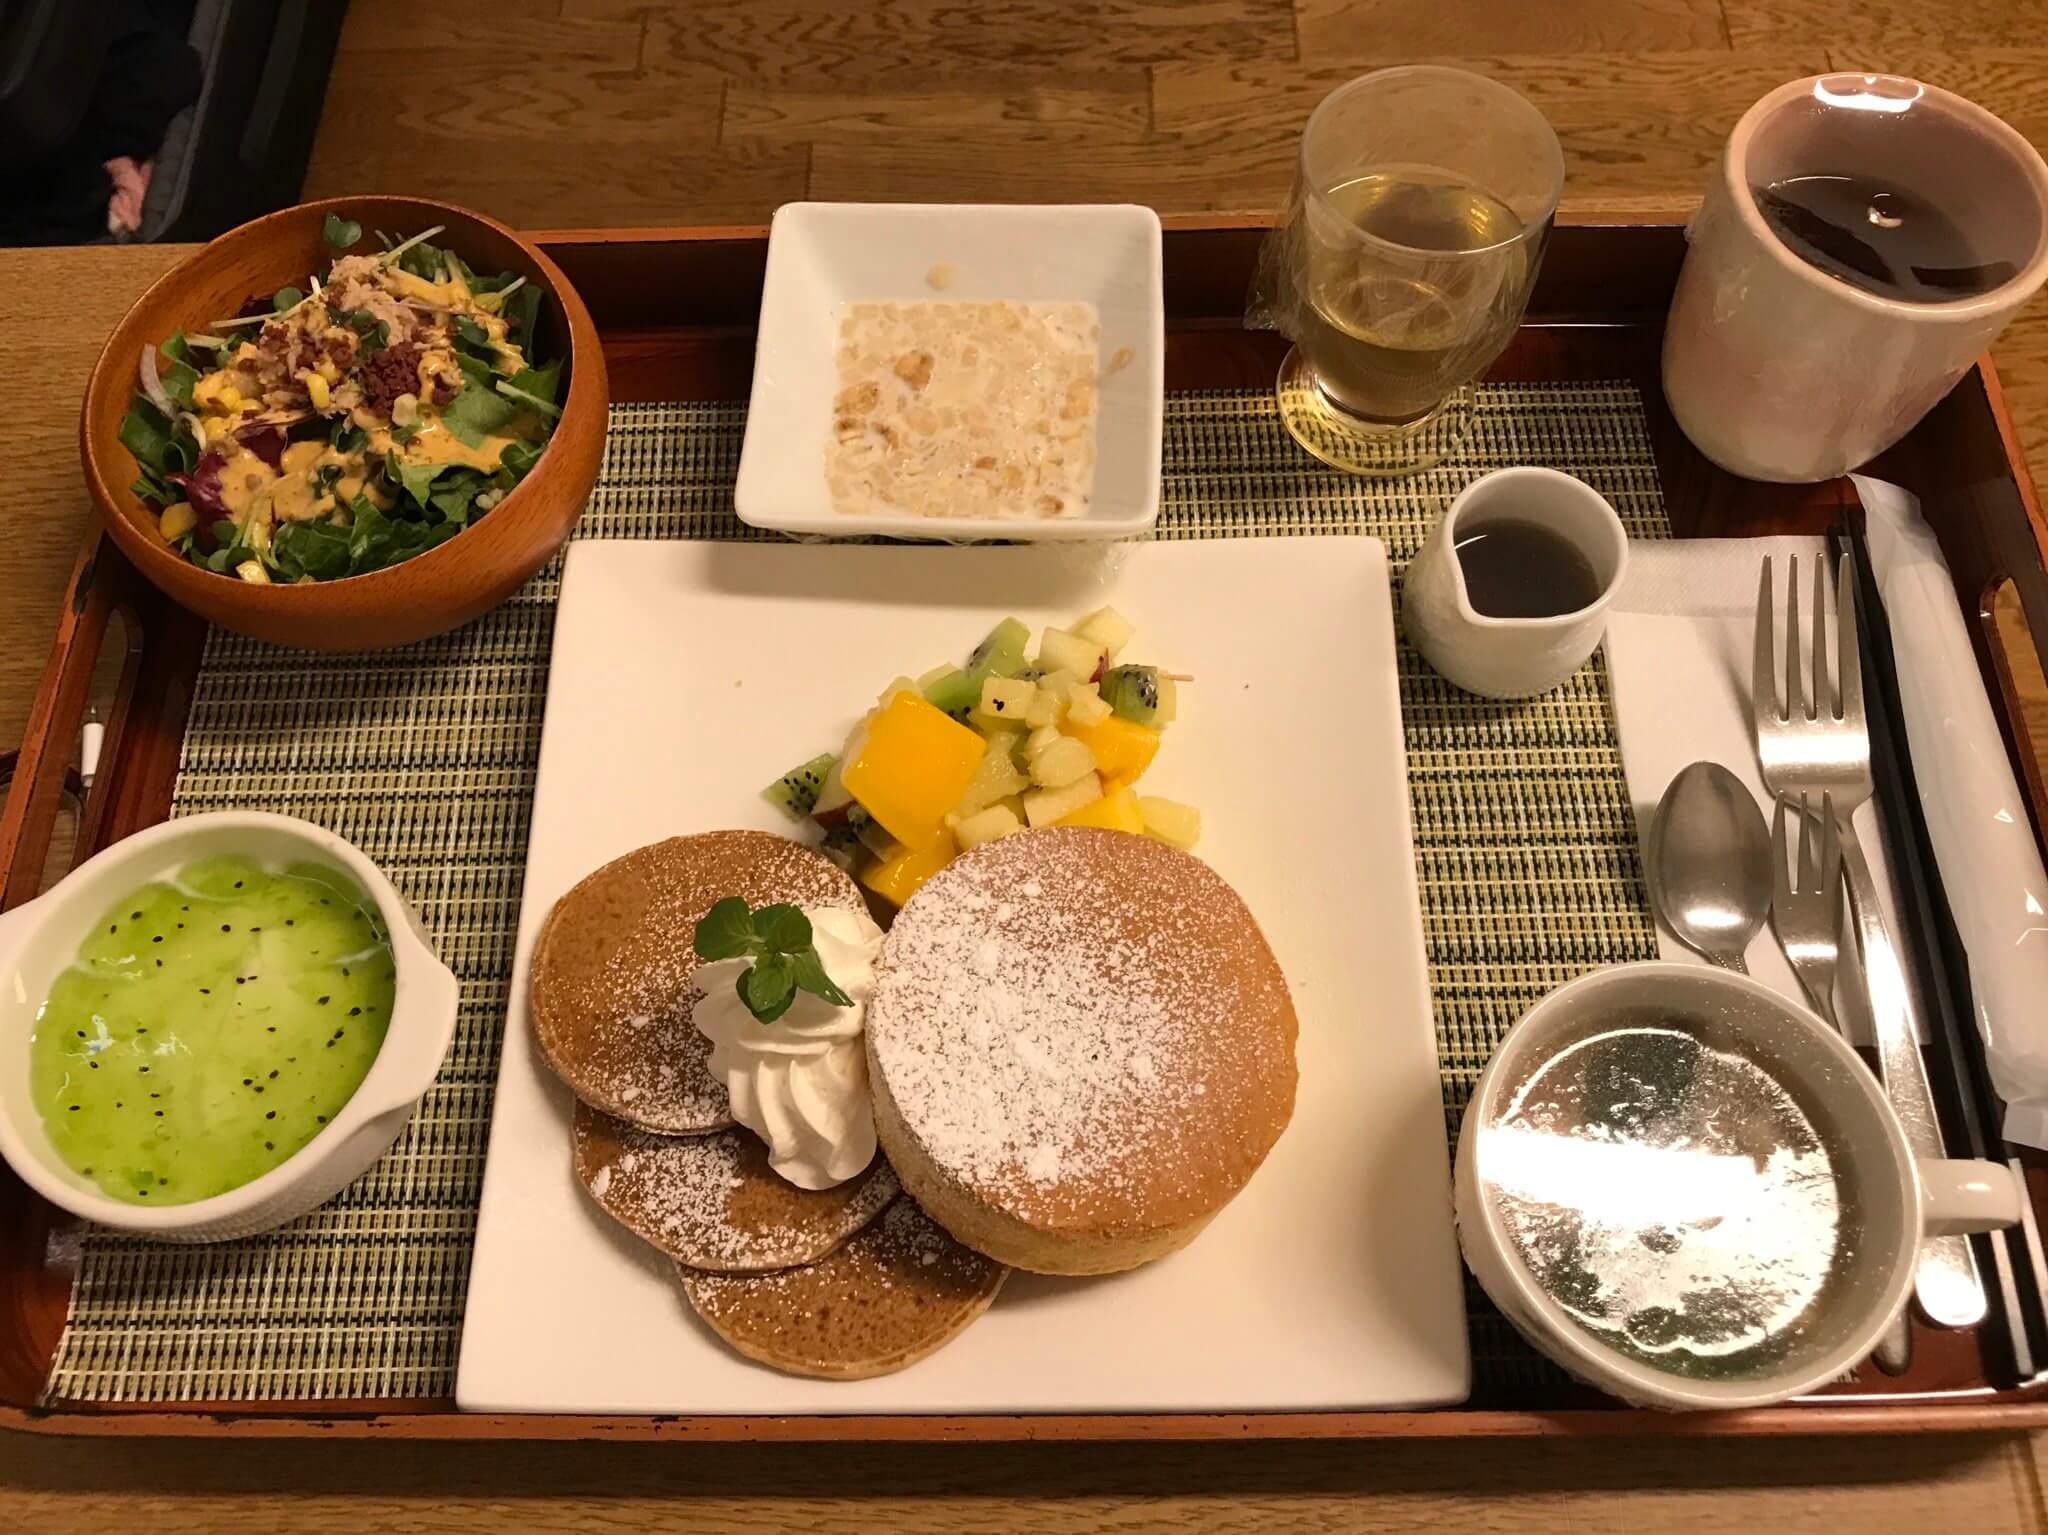 Japanese hospital food 1 (1)